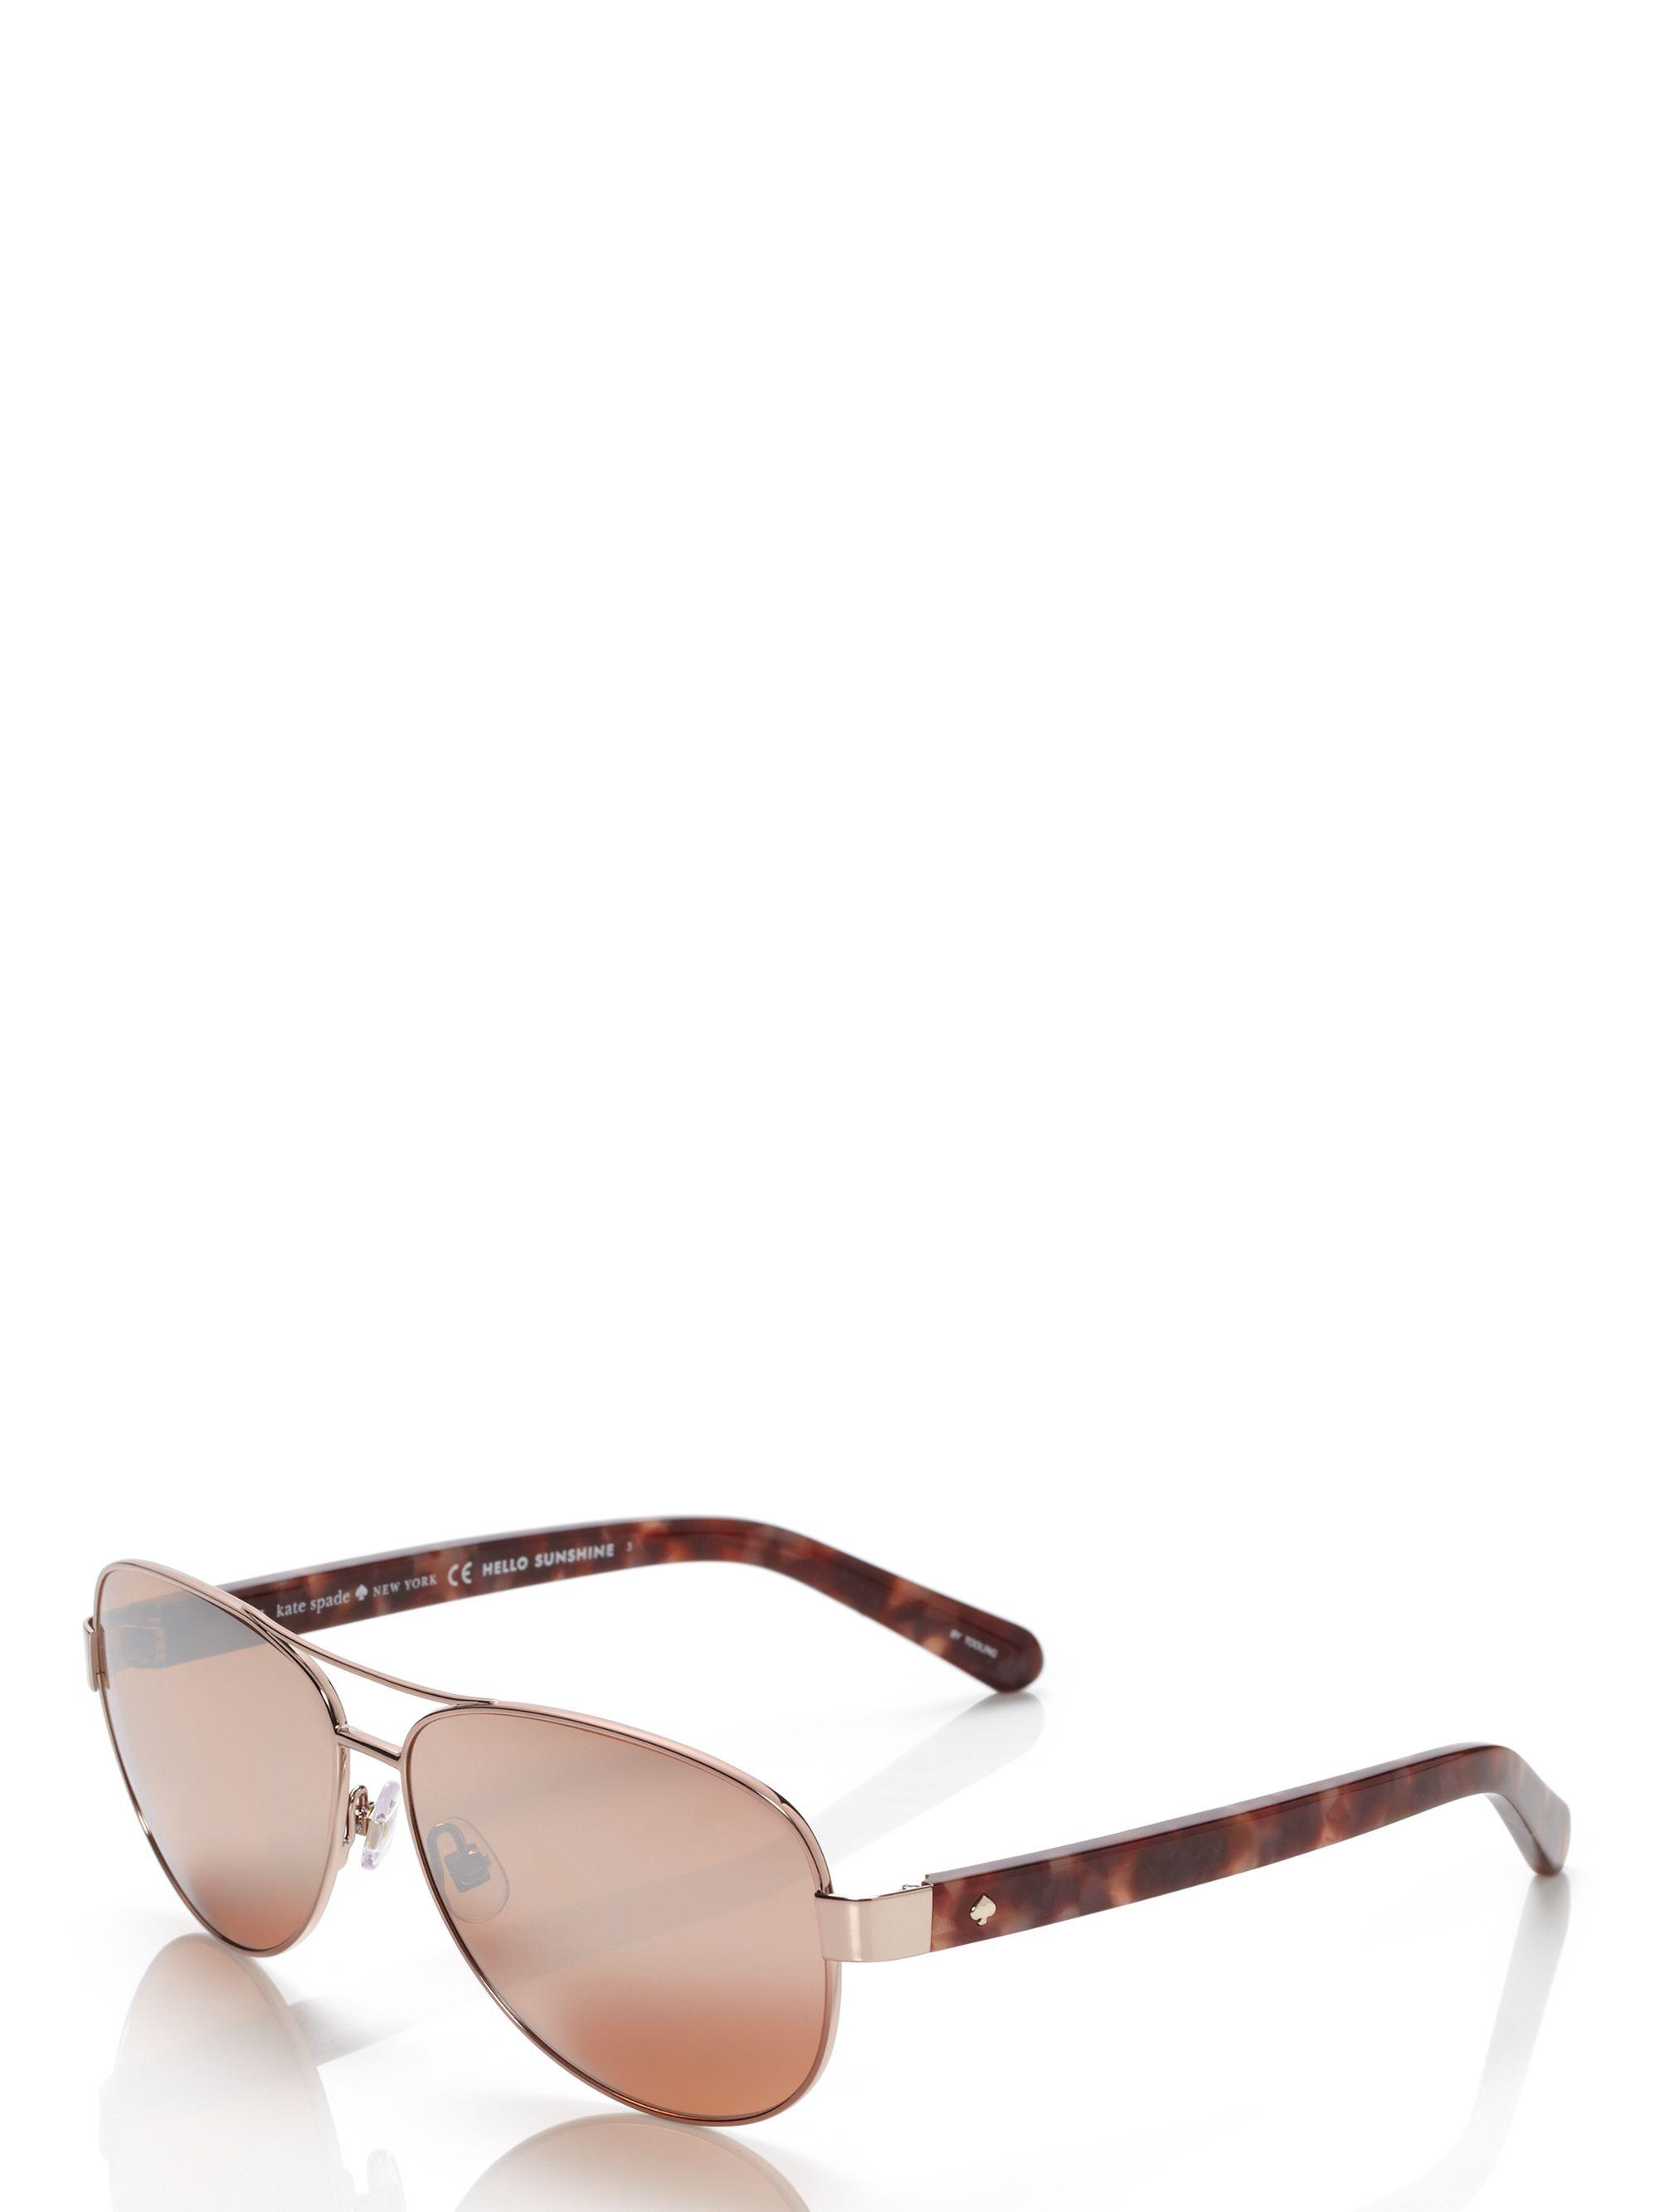 f11de584517e Kate Spade Dalia Sunglasses in Brown - Lyst